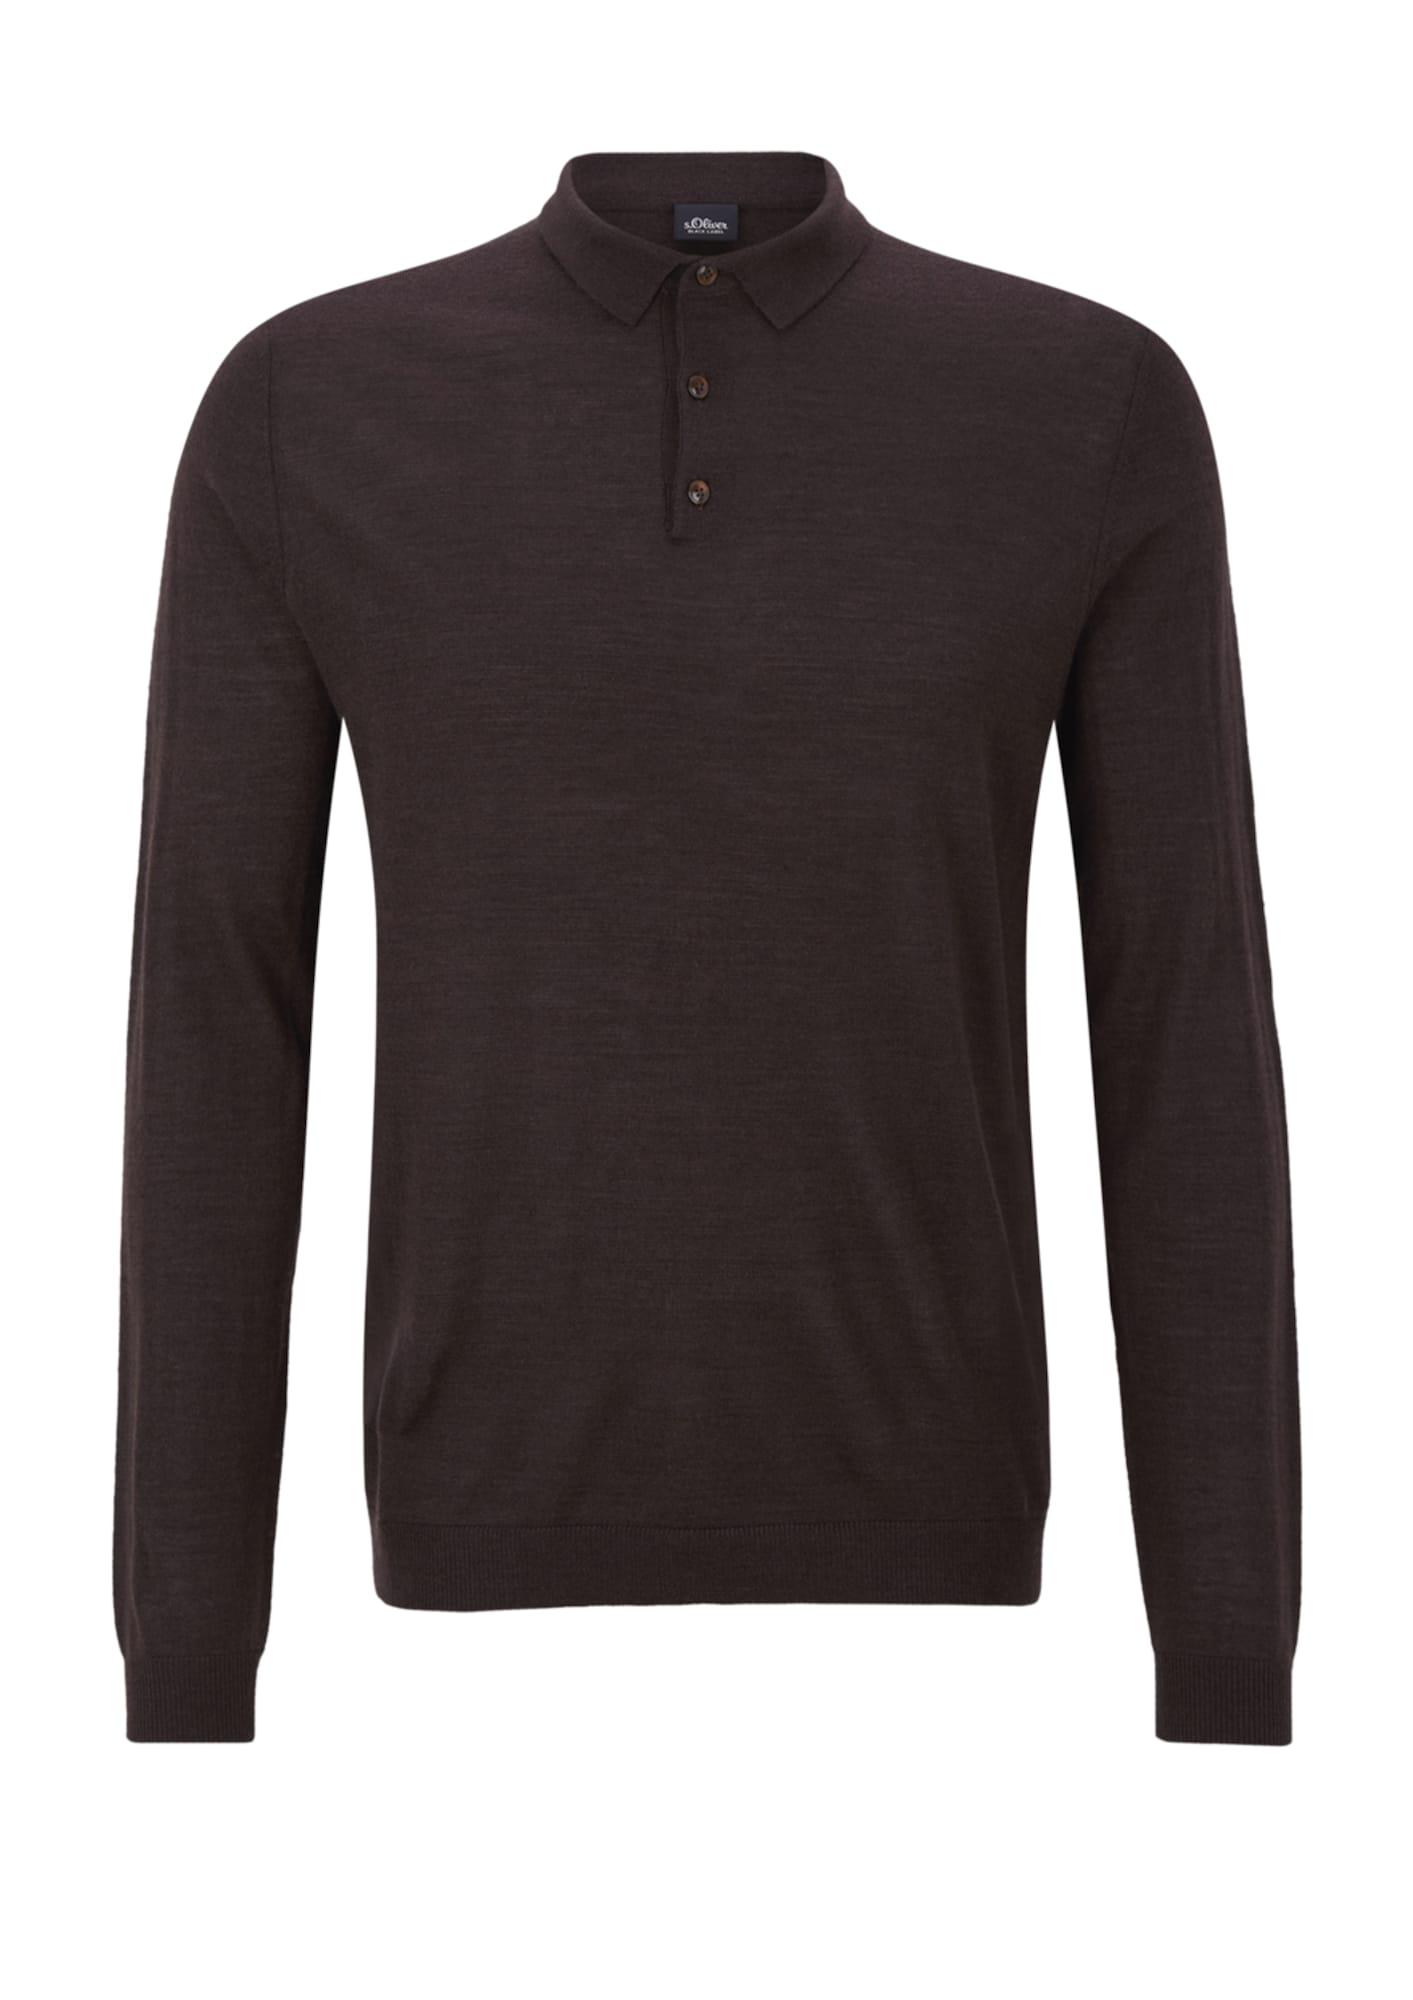 Pullover | Bekleidung > Pullover > Sonstige Pullover | Dunkelbraun | S.Oliver BLACK LABEL